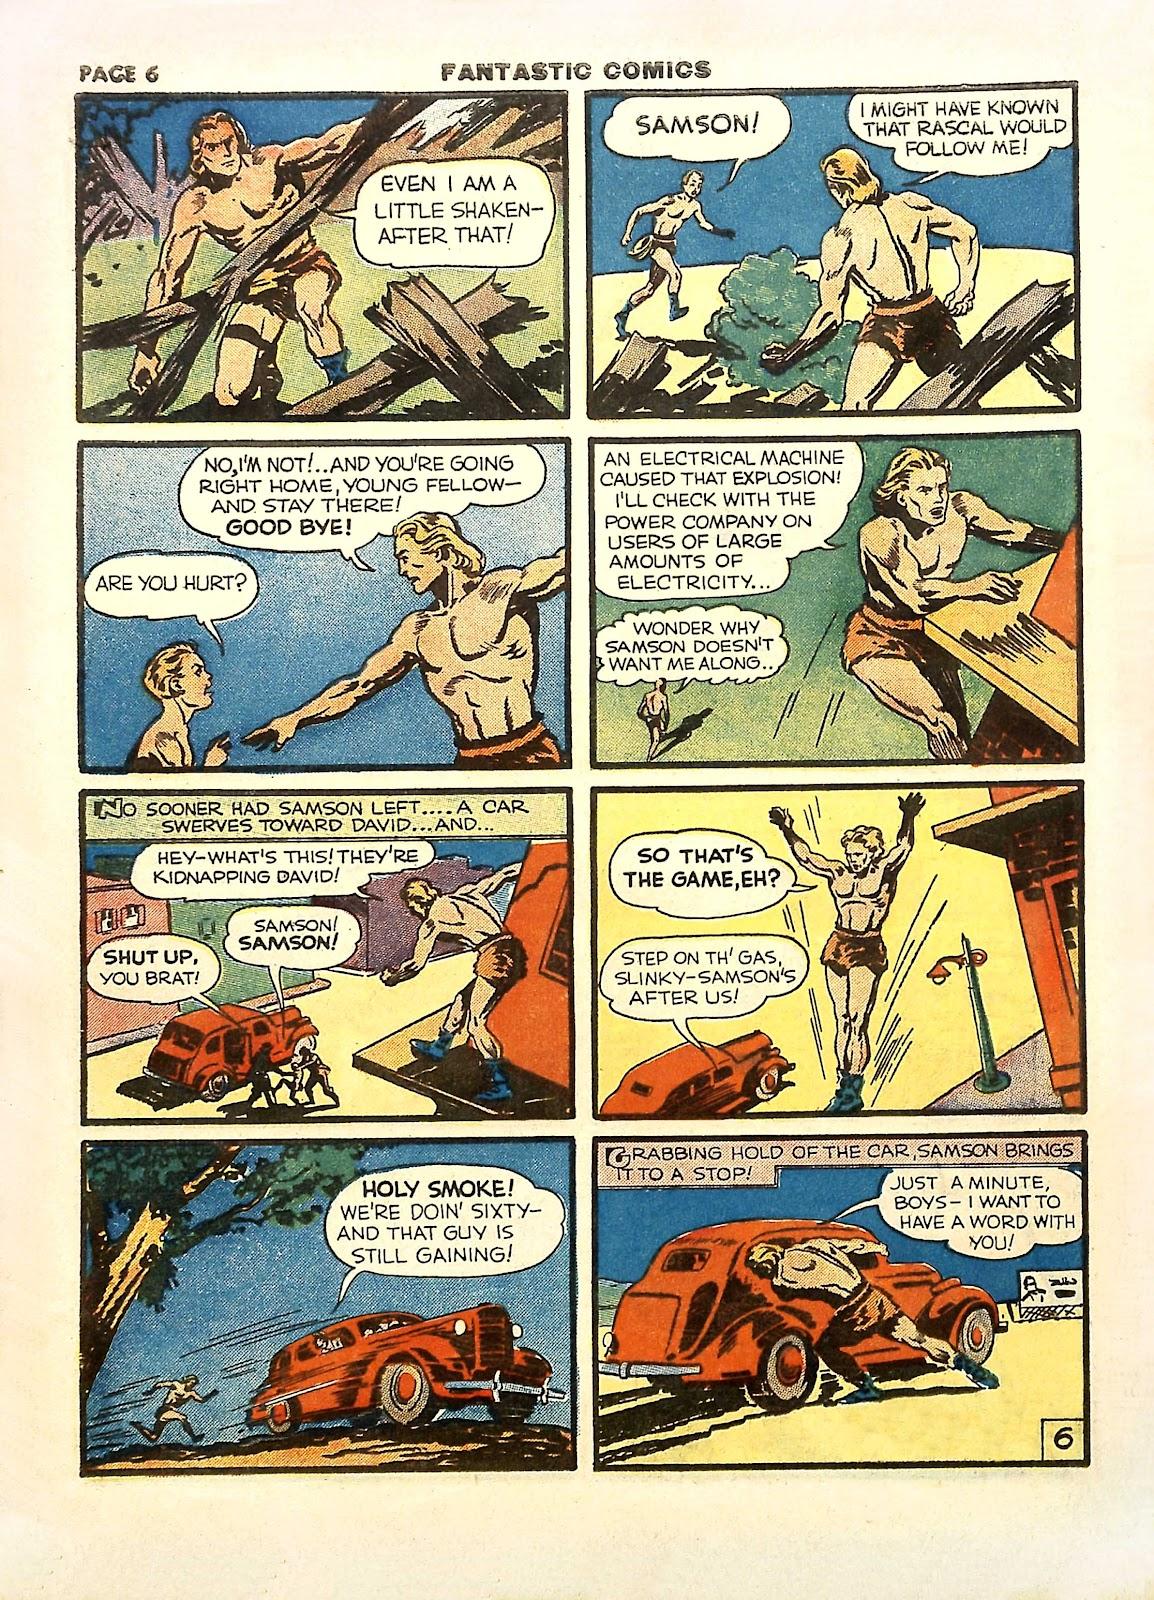 Read online Fantastic Comics comic -  Issue #11 - 9